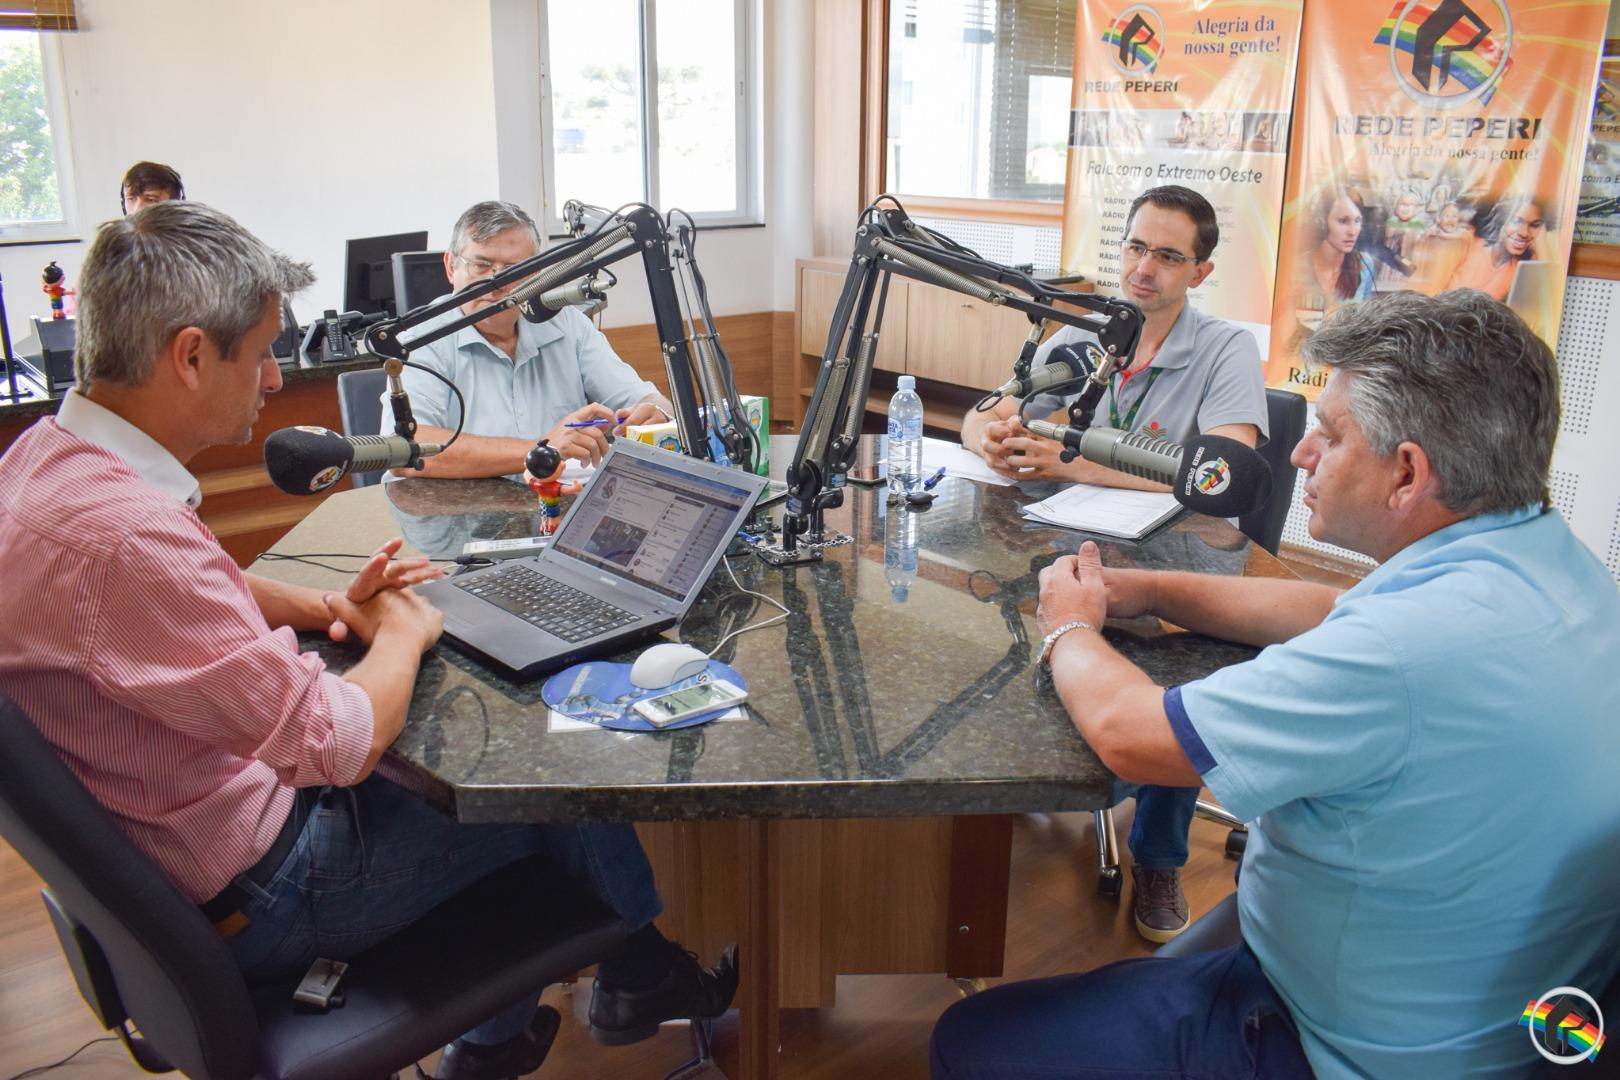 Peperi Debates avalia 2018 do ponto de vista da agricultura